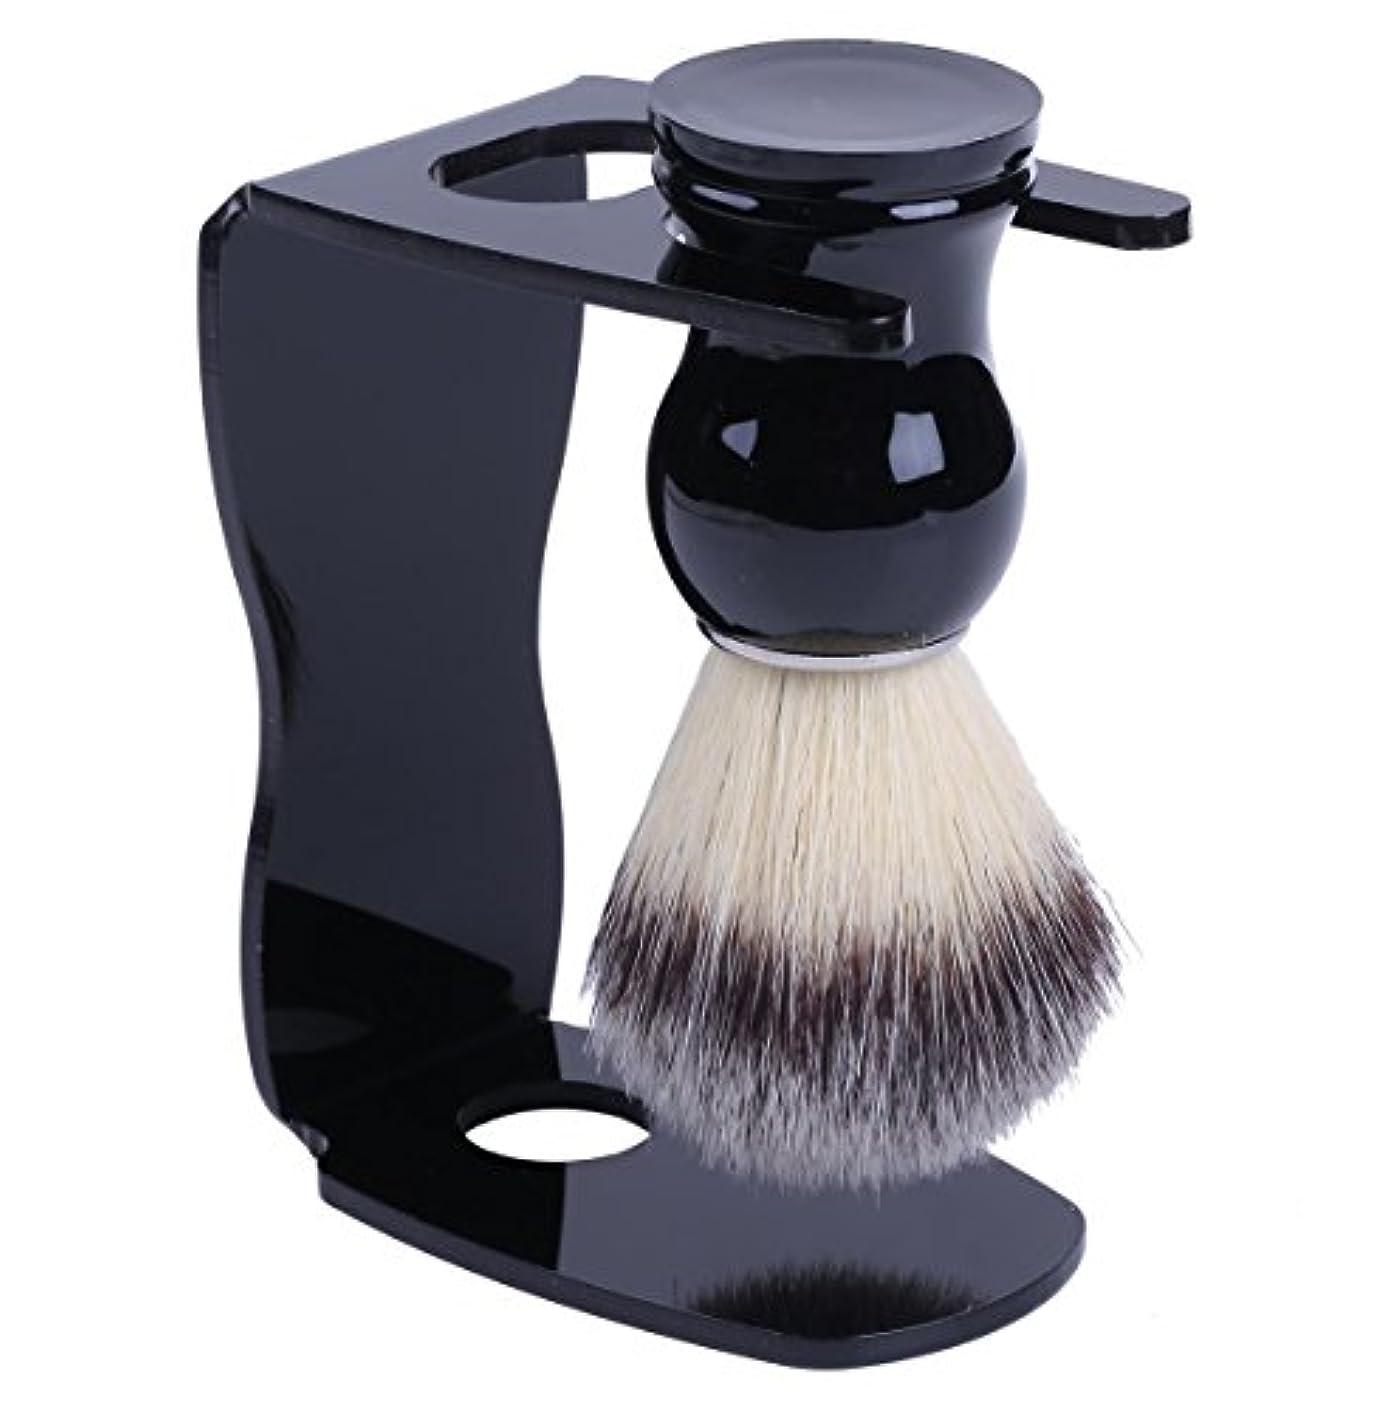 リマオーバーコートトランザクション泡立ちが違う アナグマ 毛100% スタンド付き シェービング ブラシ /髭剃り 洗顔 理容 マッサージ 美容 効果